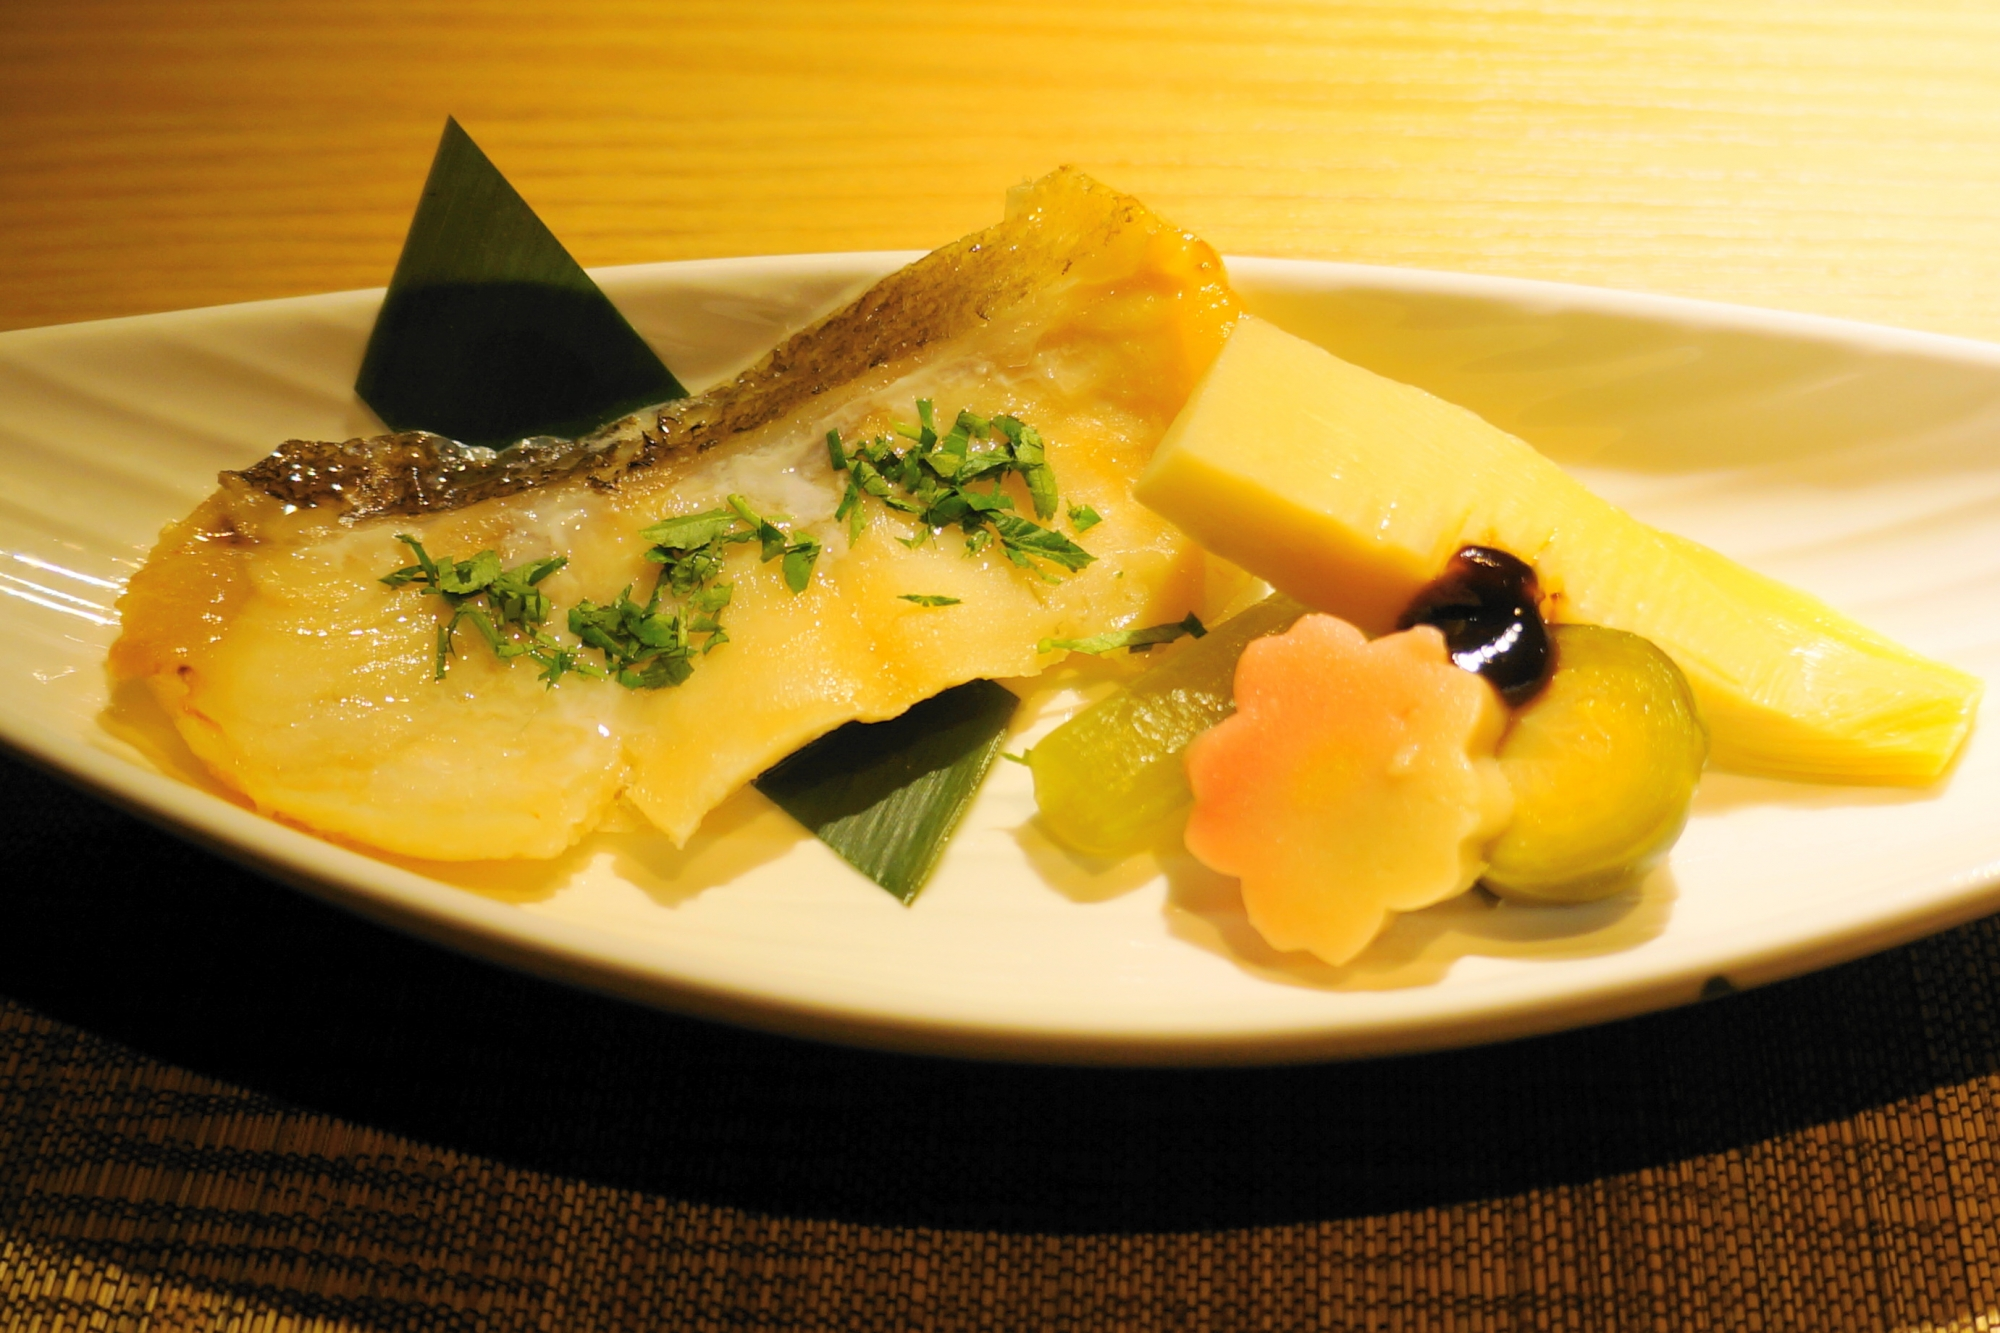 御幸町にある京風創作和食川村料理平の「主菜 めばる木の芽焼き&生麩の田楽」